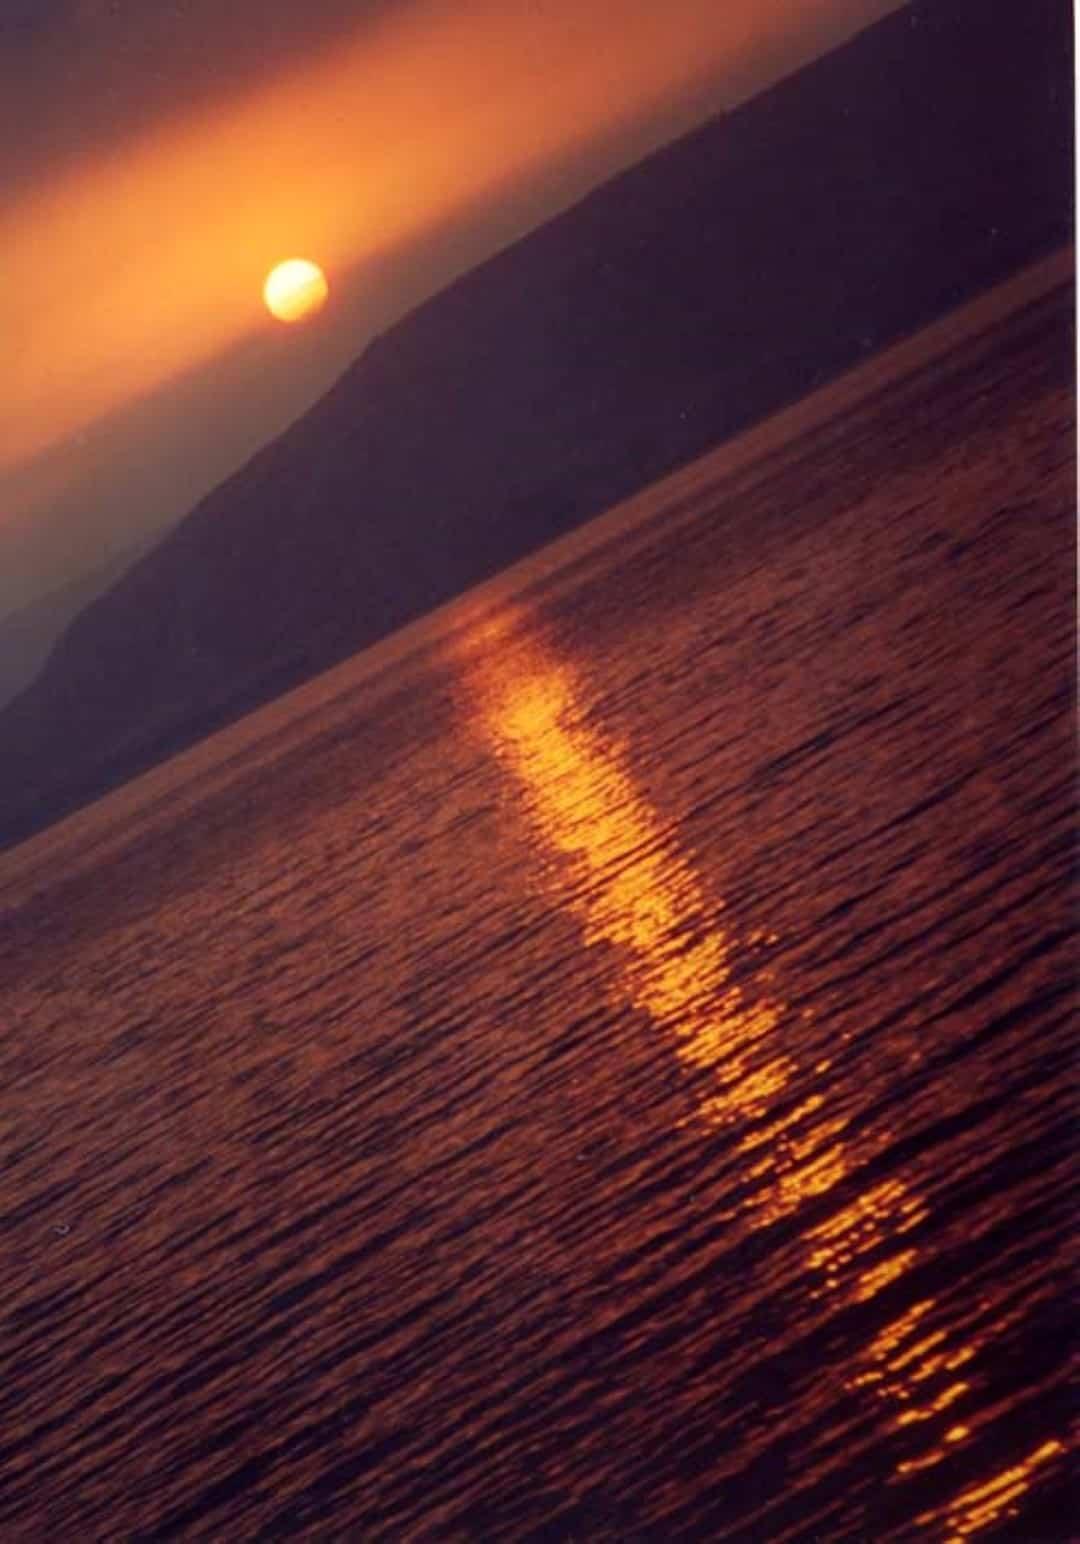 זריחה - צילום משה אסולין